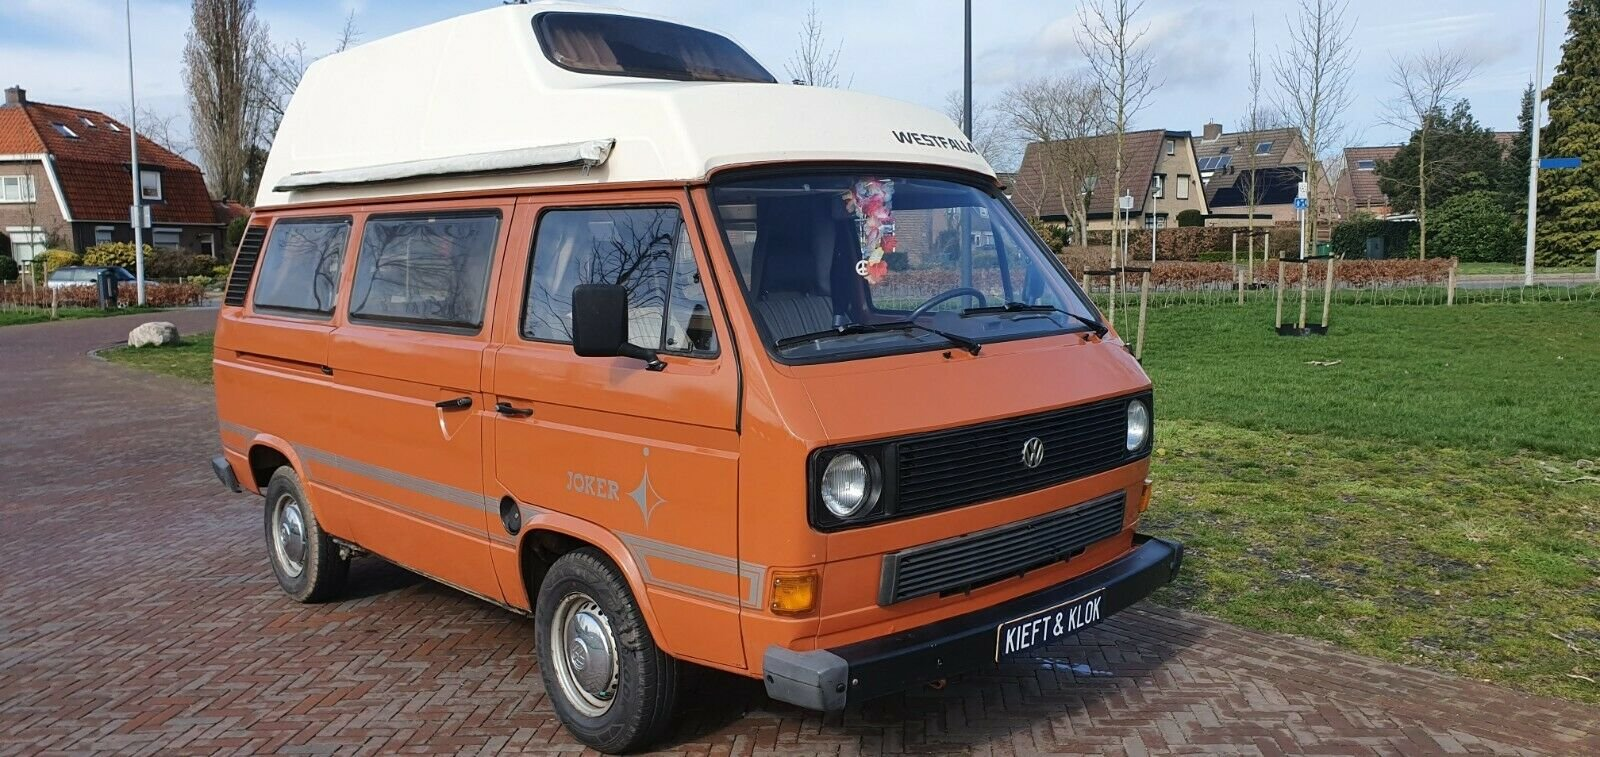 1984 Volkswagen T3 Bus, VW T3 Westfalia, Volkswagen T25 For Sale (picture 1 of 6)